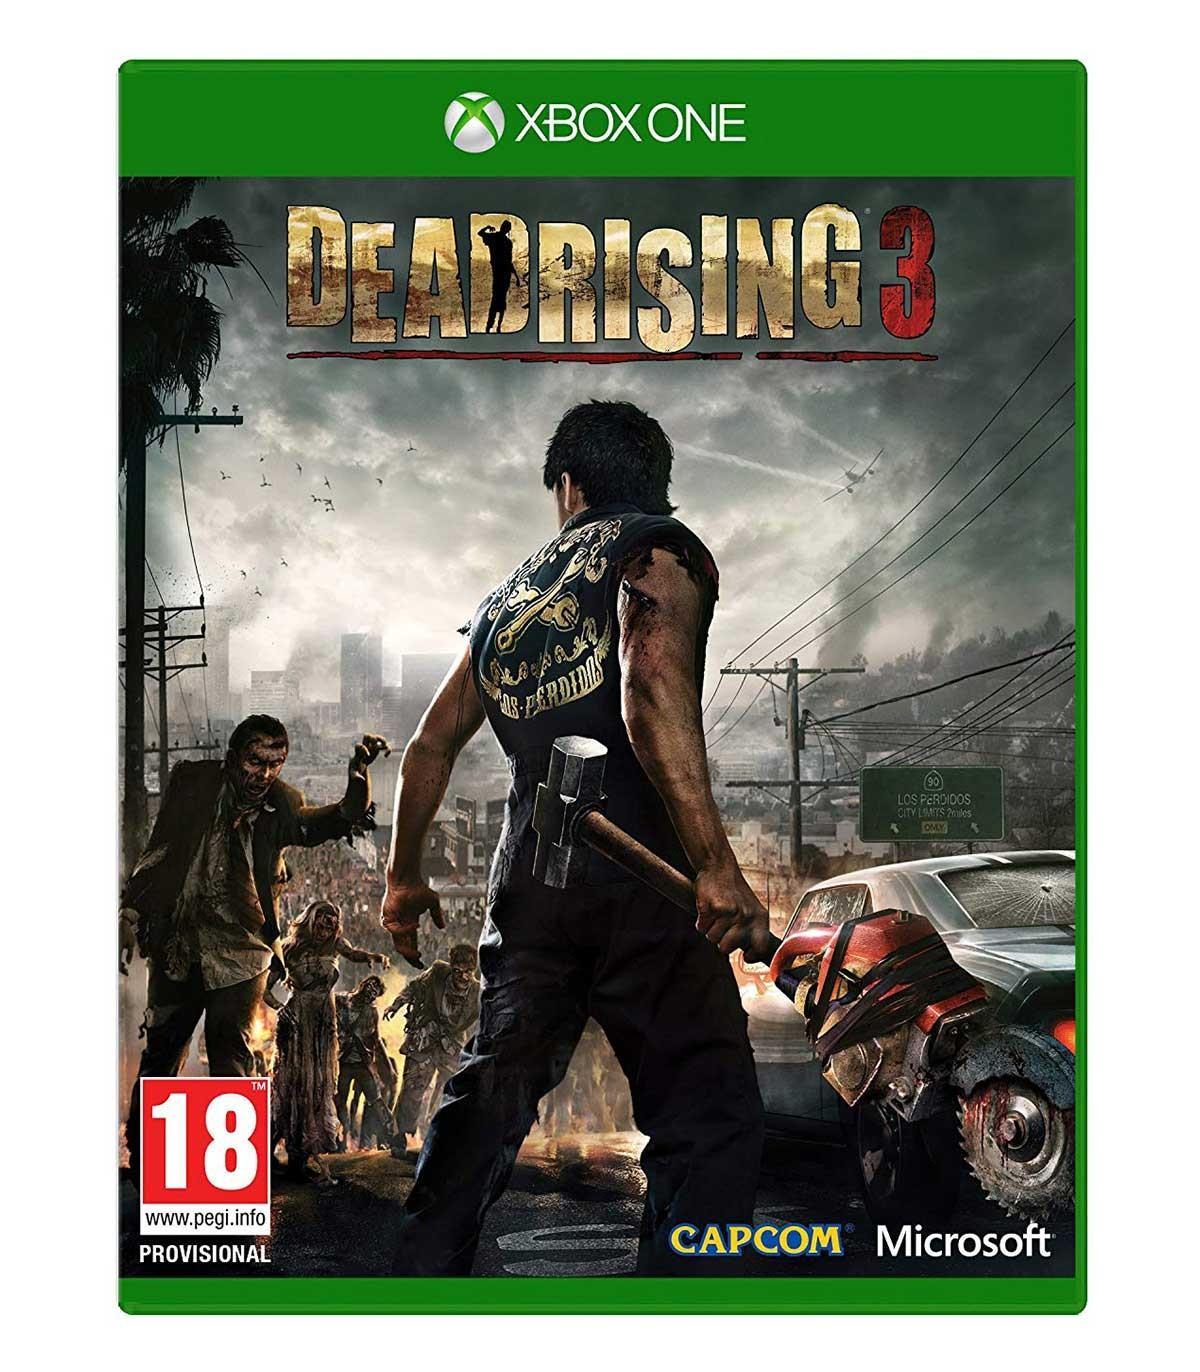 بازی Dead Rising 3 کارکرده - ایکس باکس وان